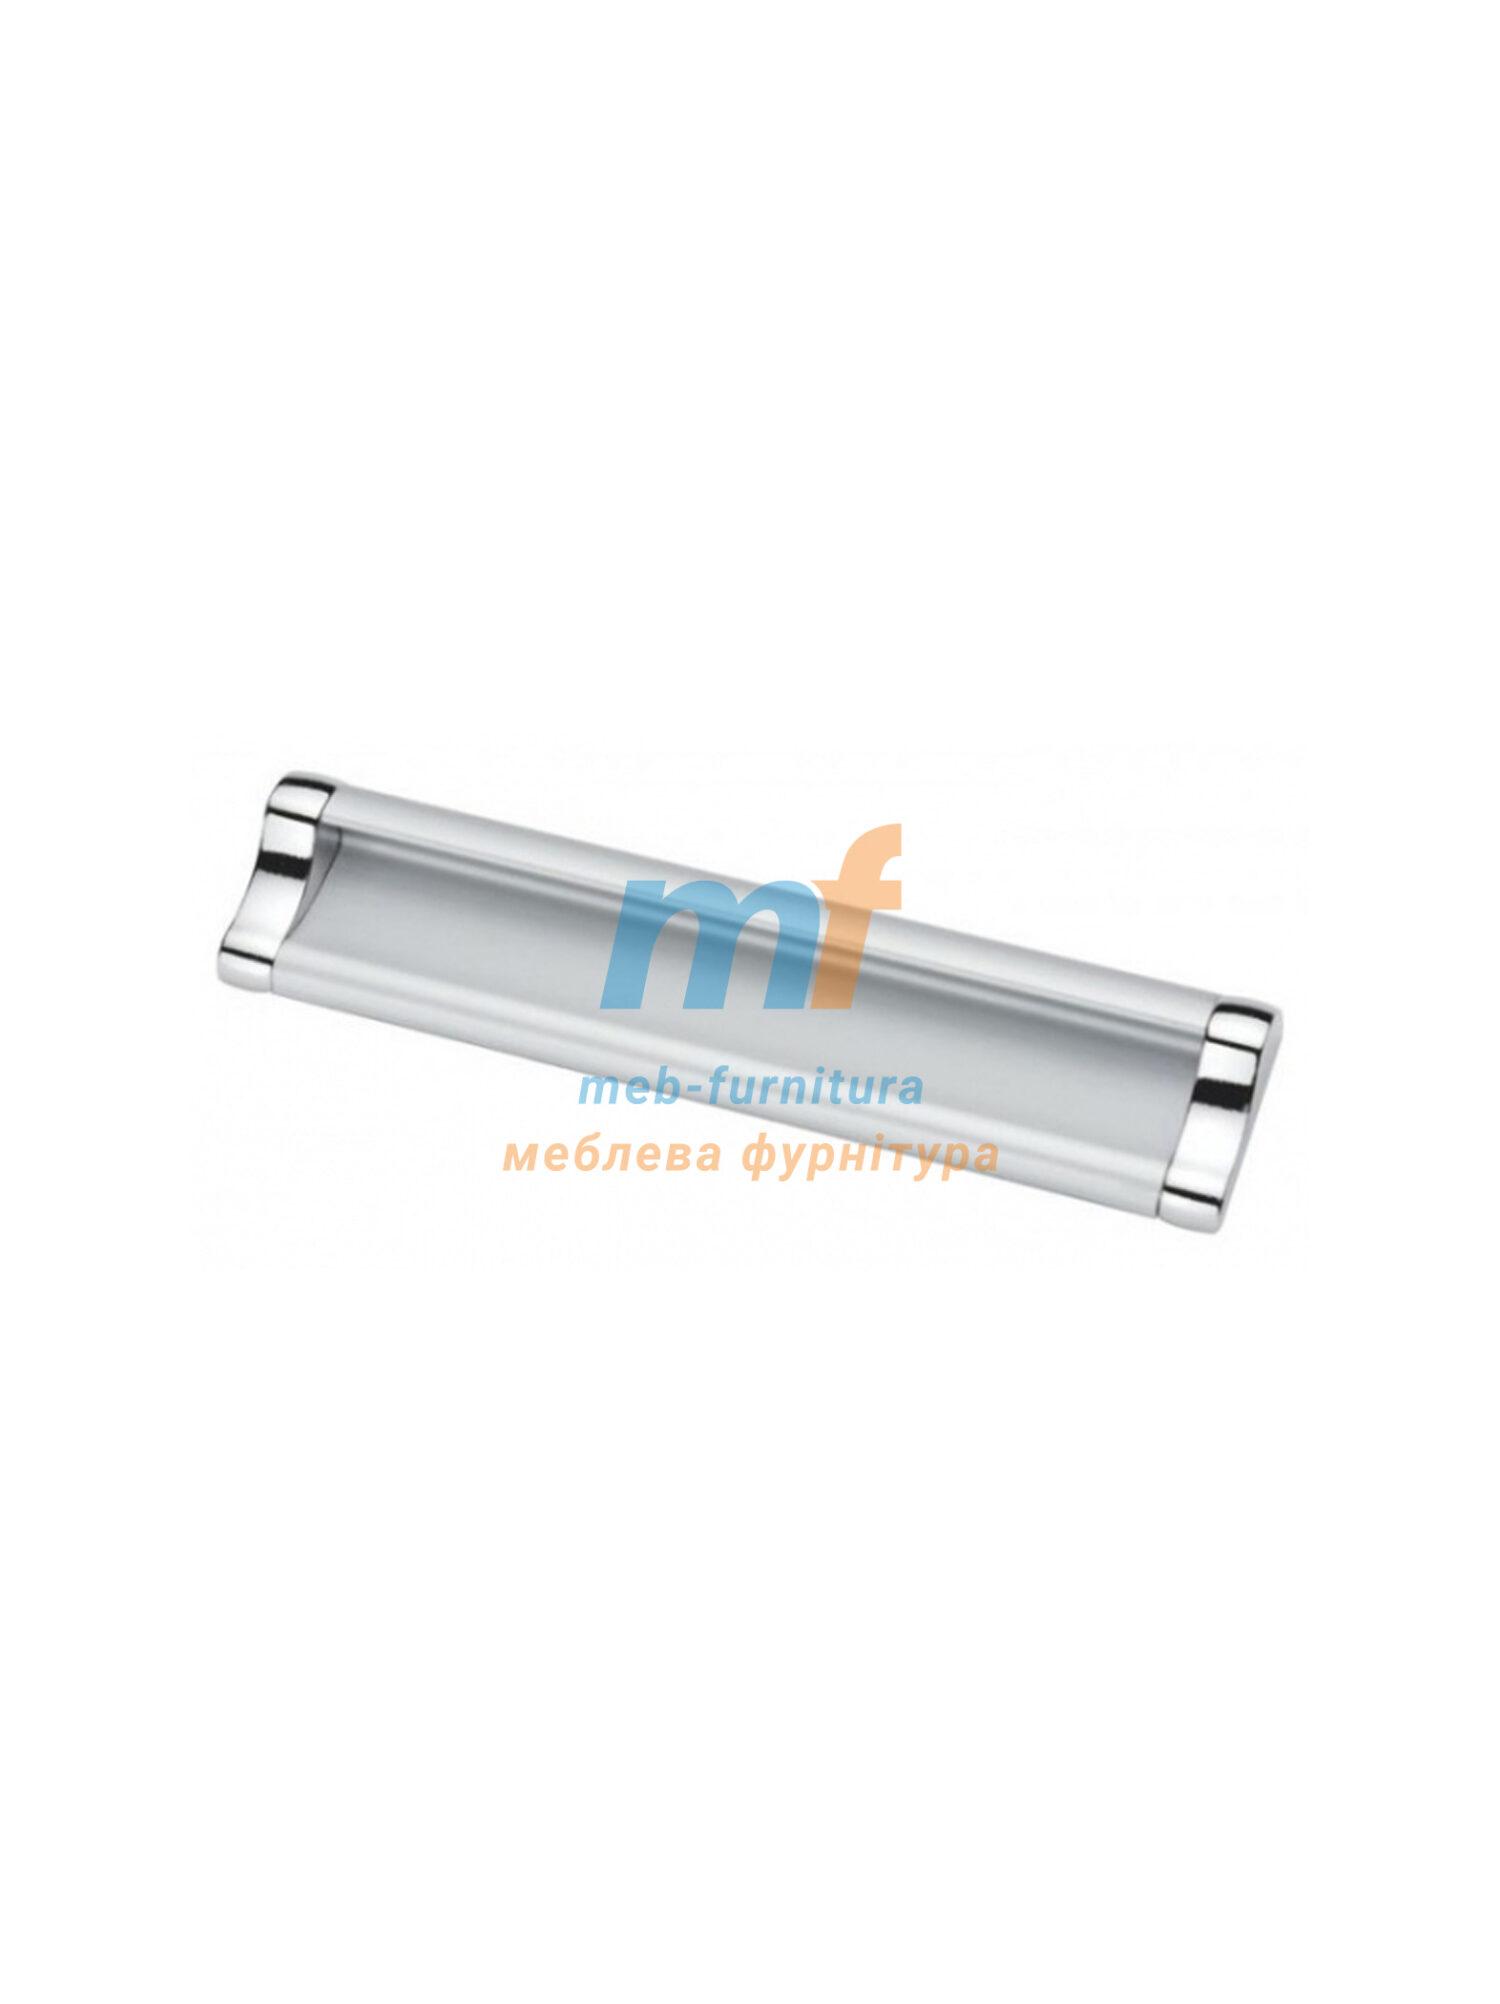 Ручка мебельная накладная(обманка) 6431 - 128mm